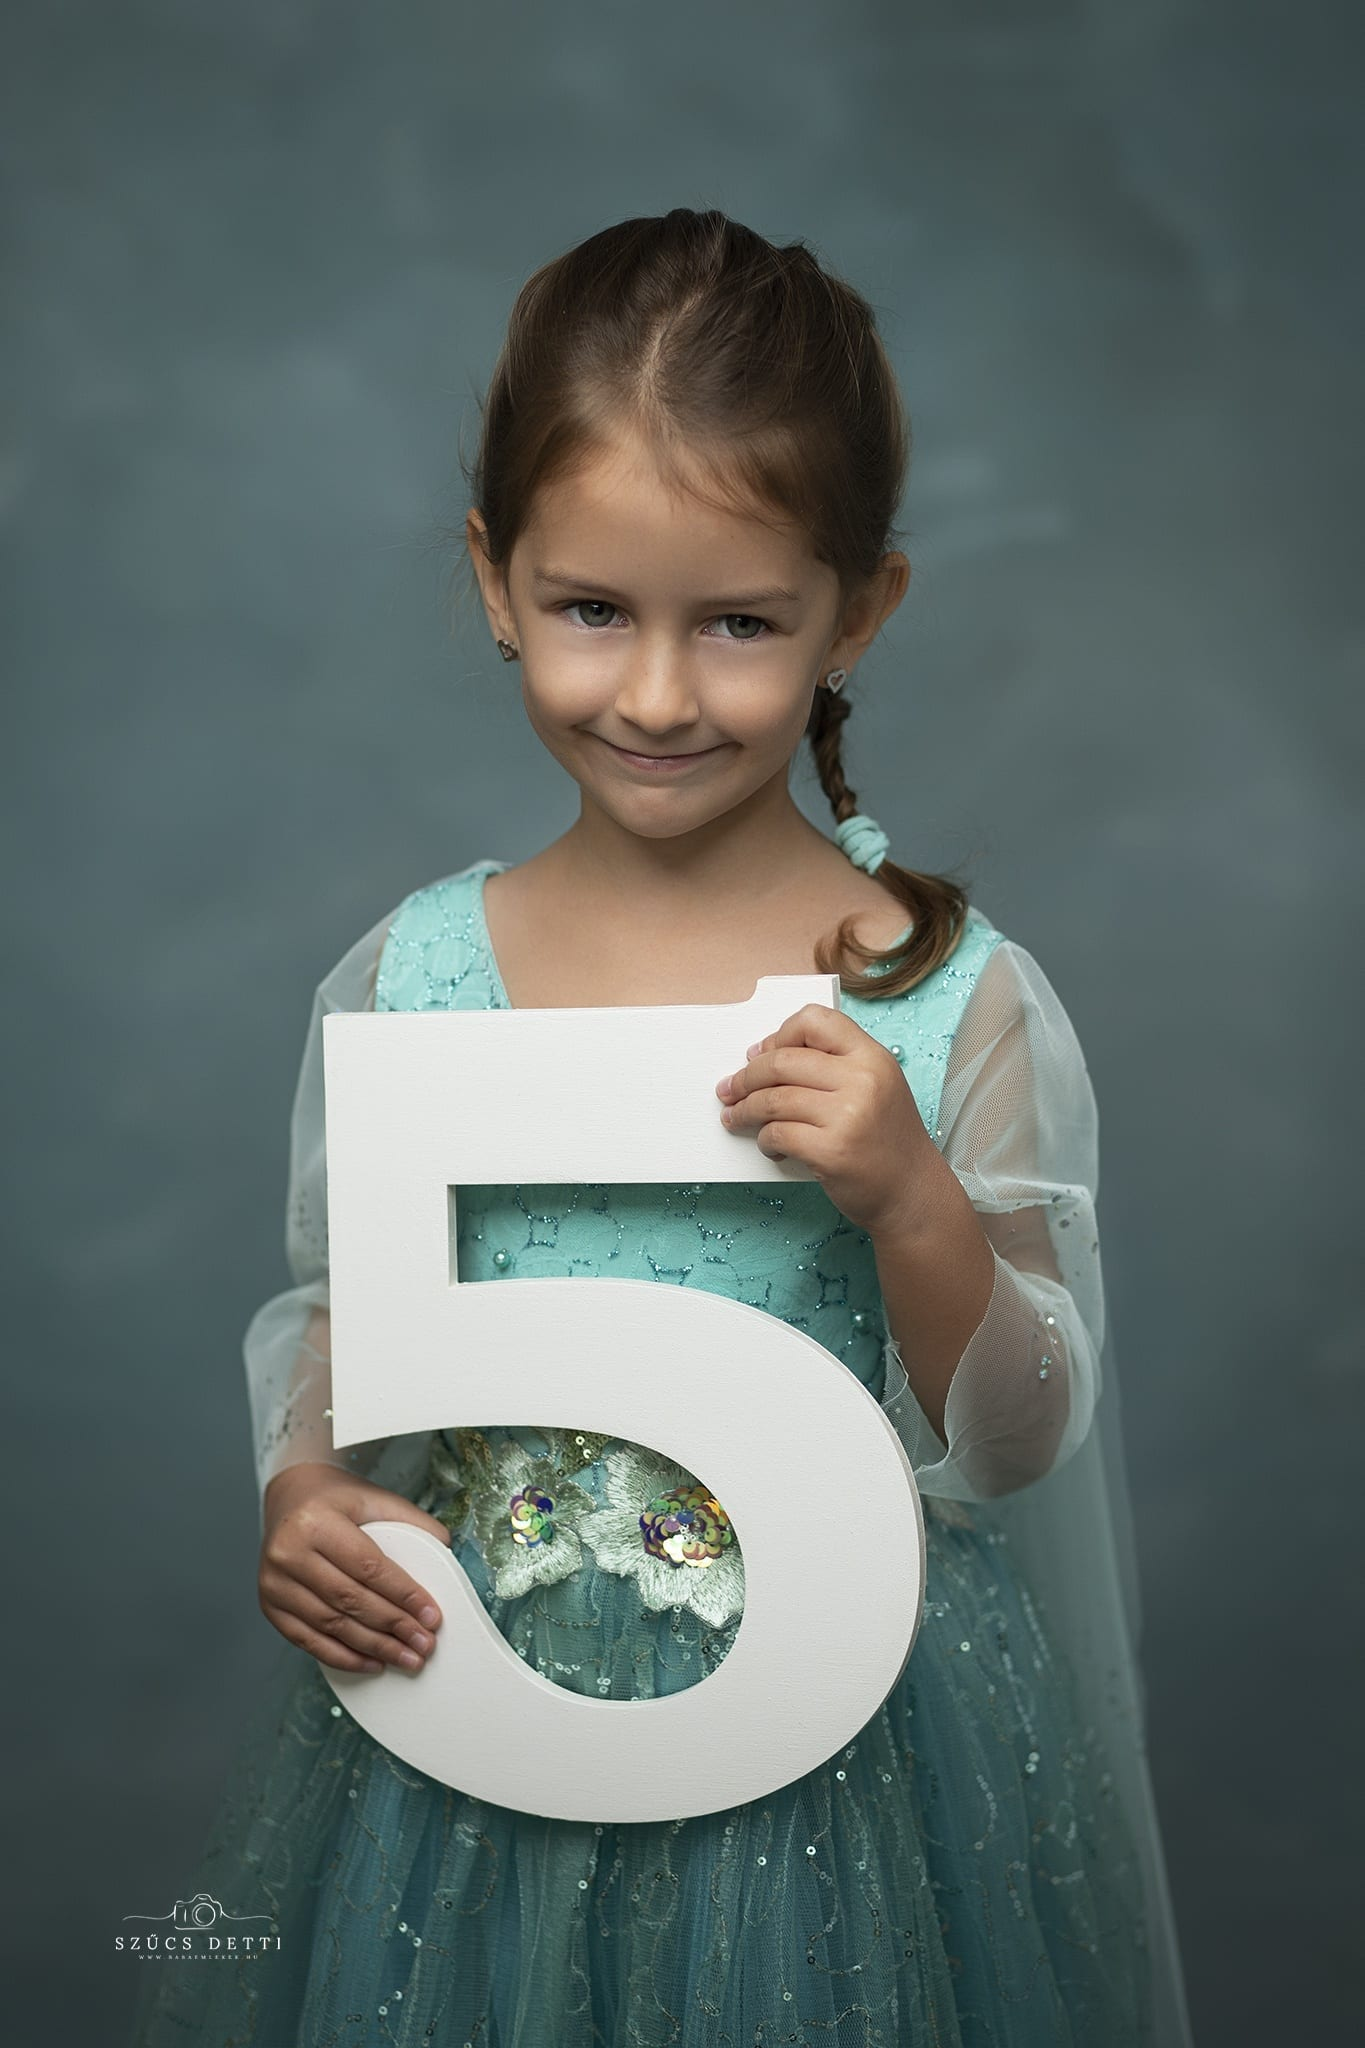 5 éves szülinapi gyermekfotózás budapesti fotóstúdióban